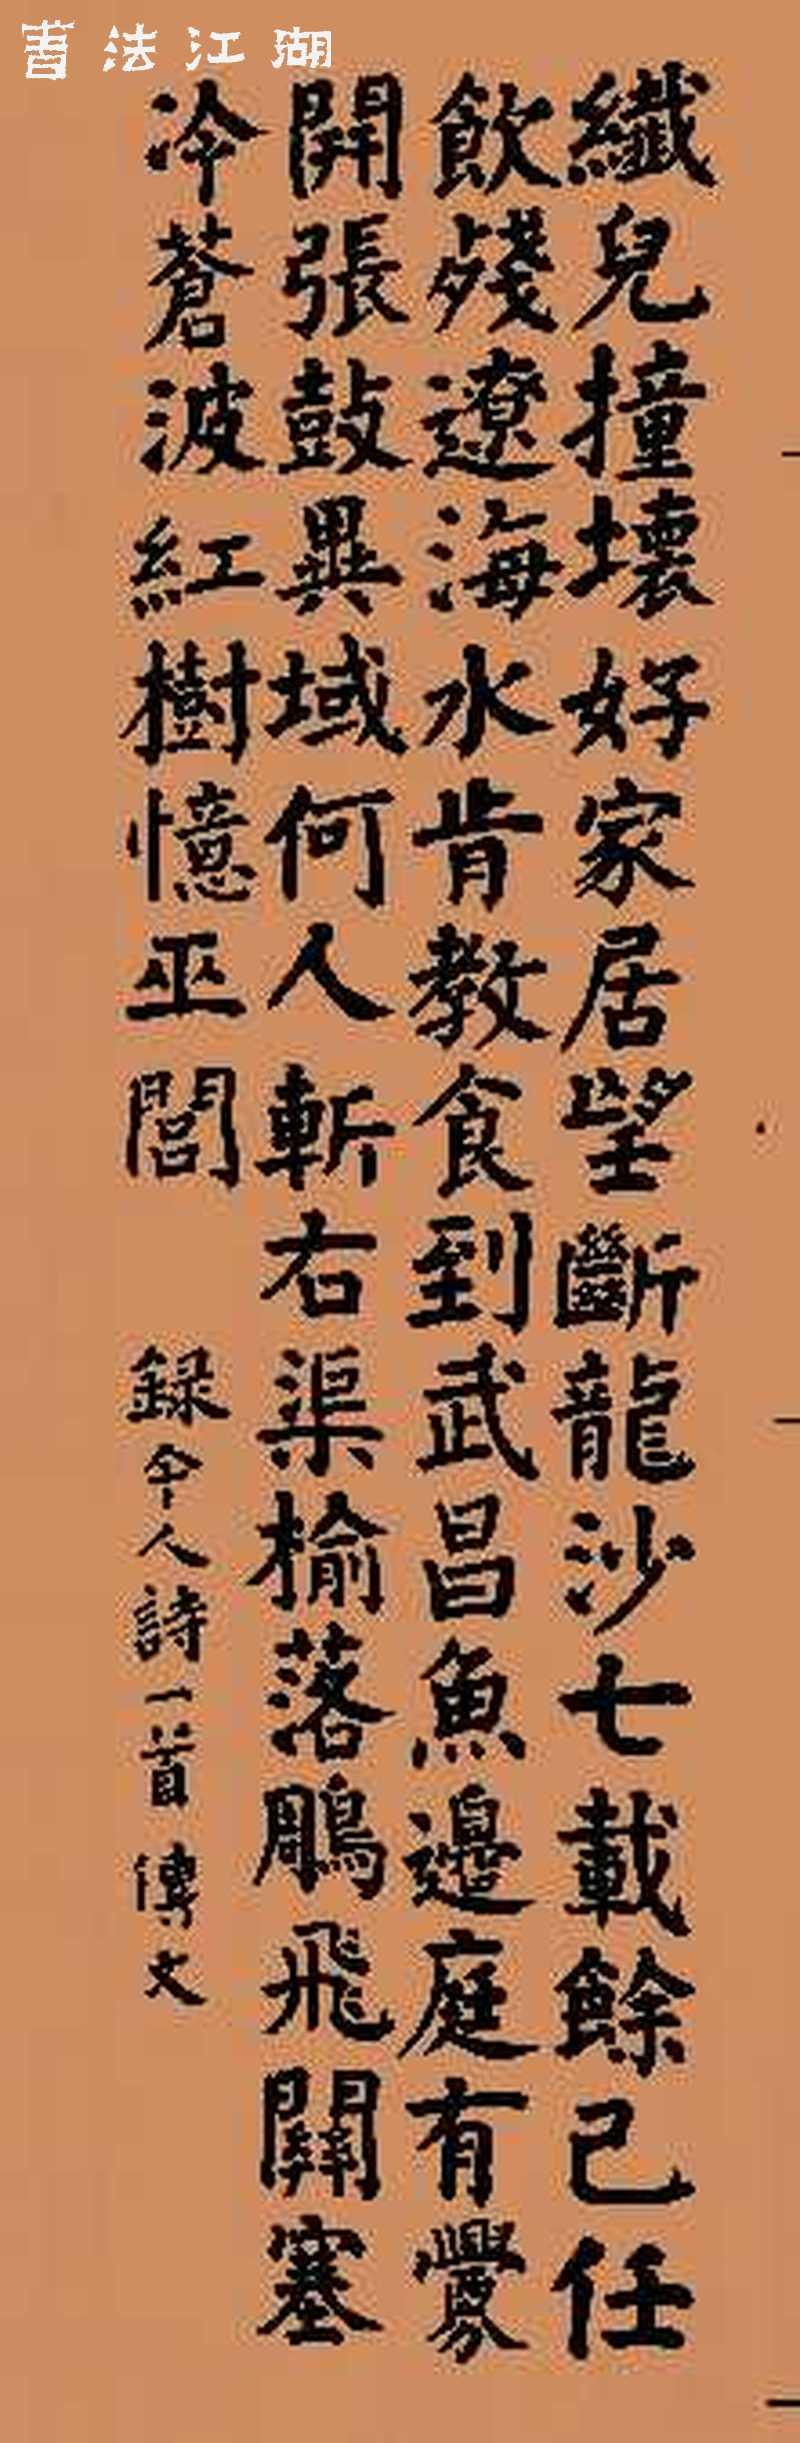 IMG_20200803_114243楷书学习,今人诗一首,j纤儿撞坏好家居 .jpg